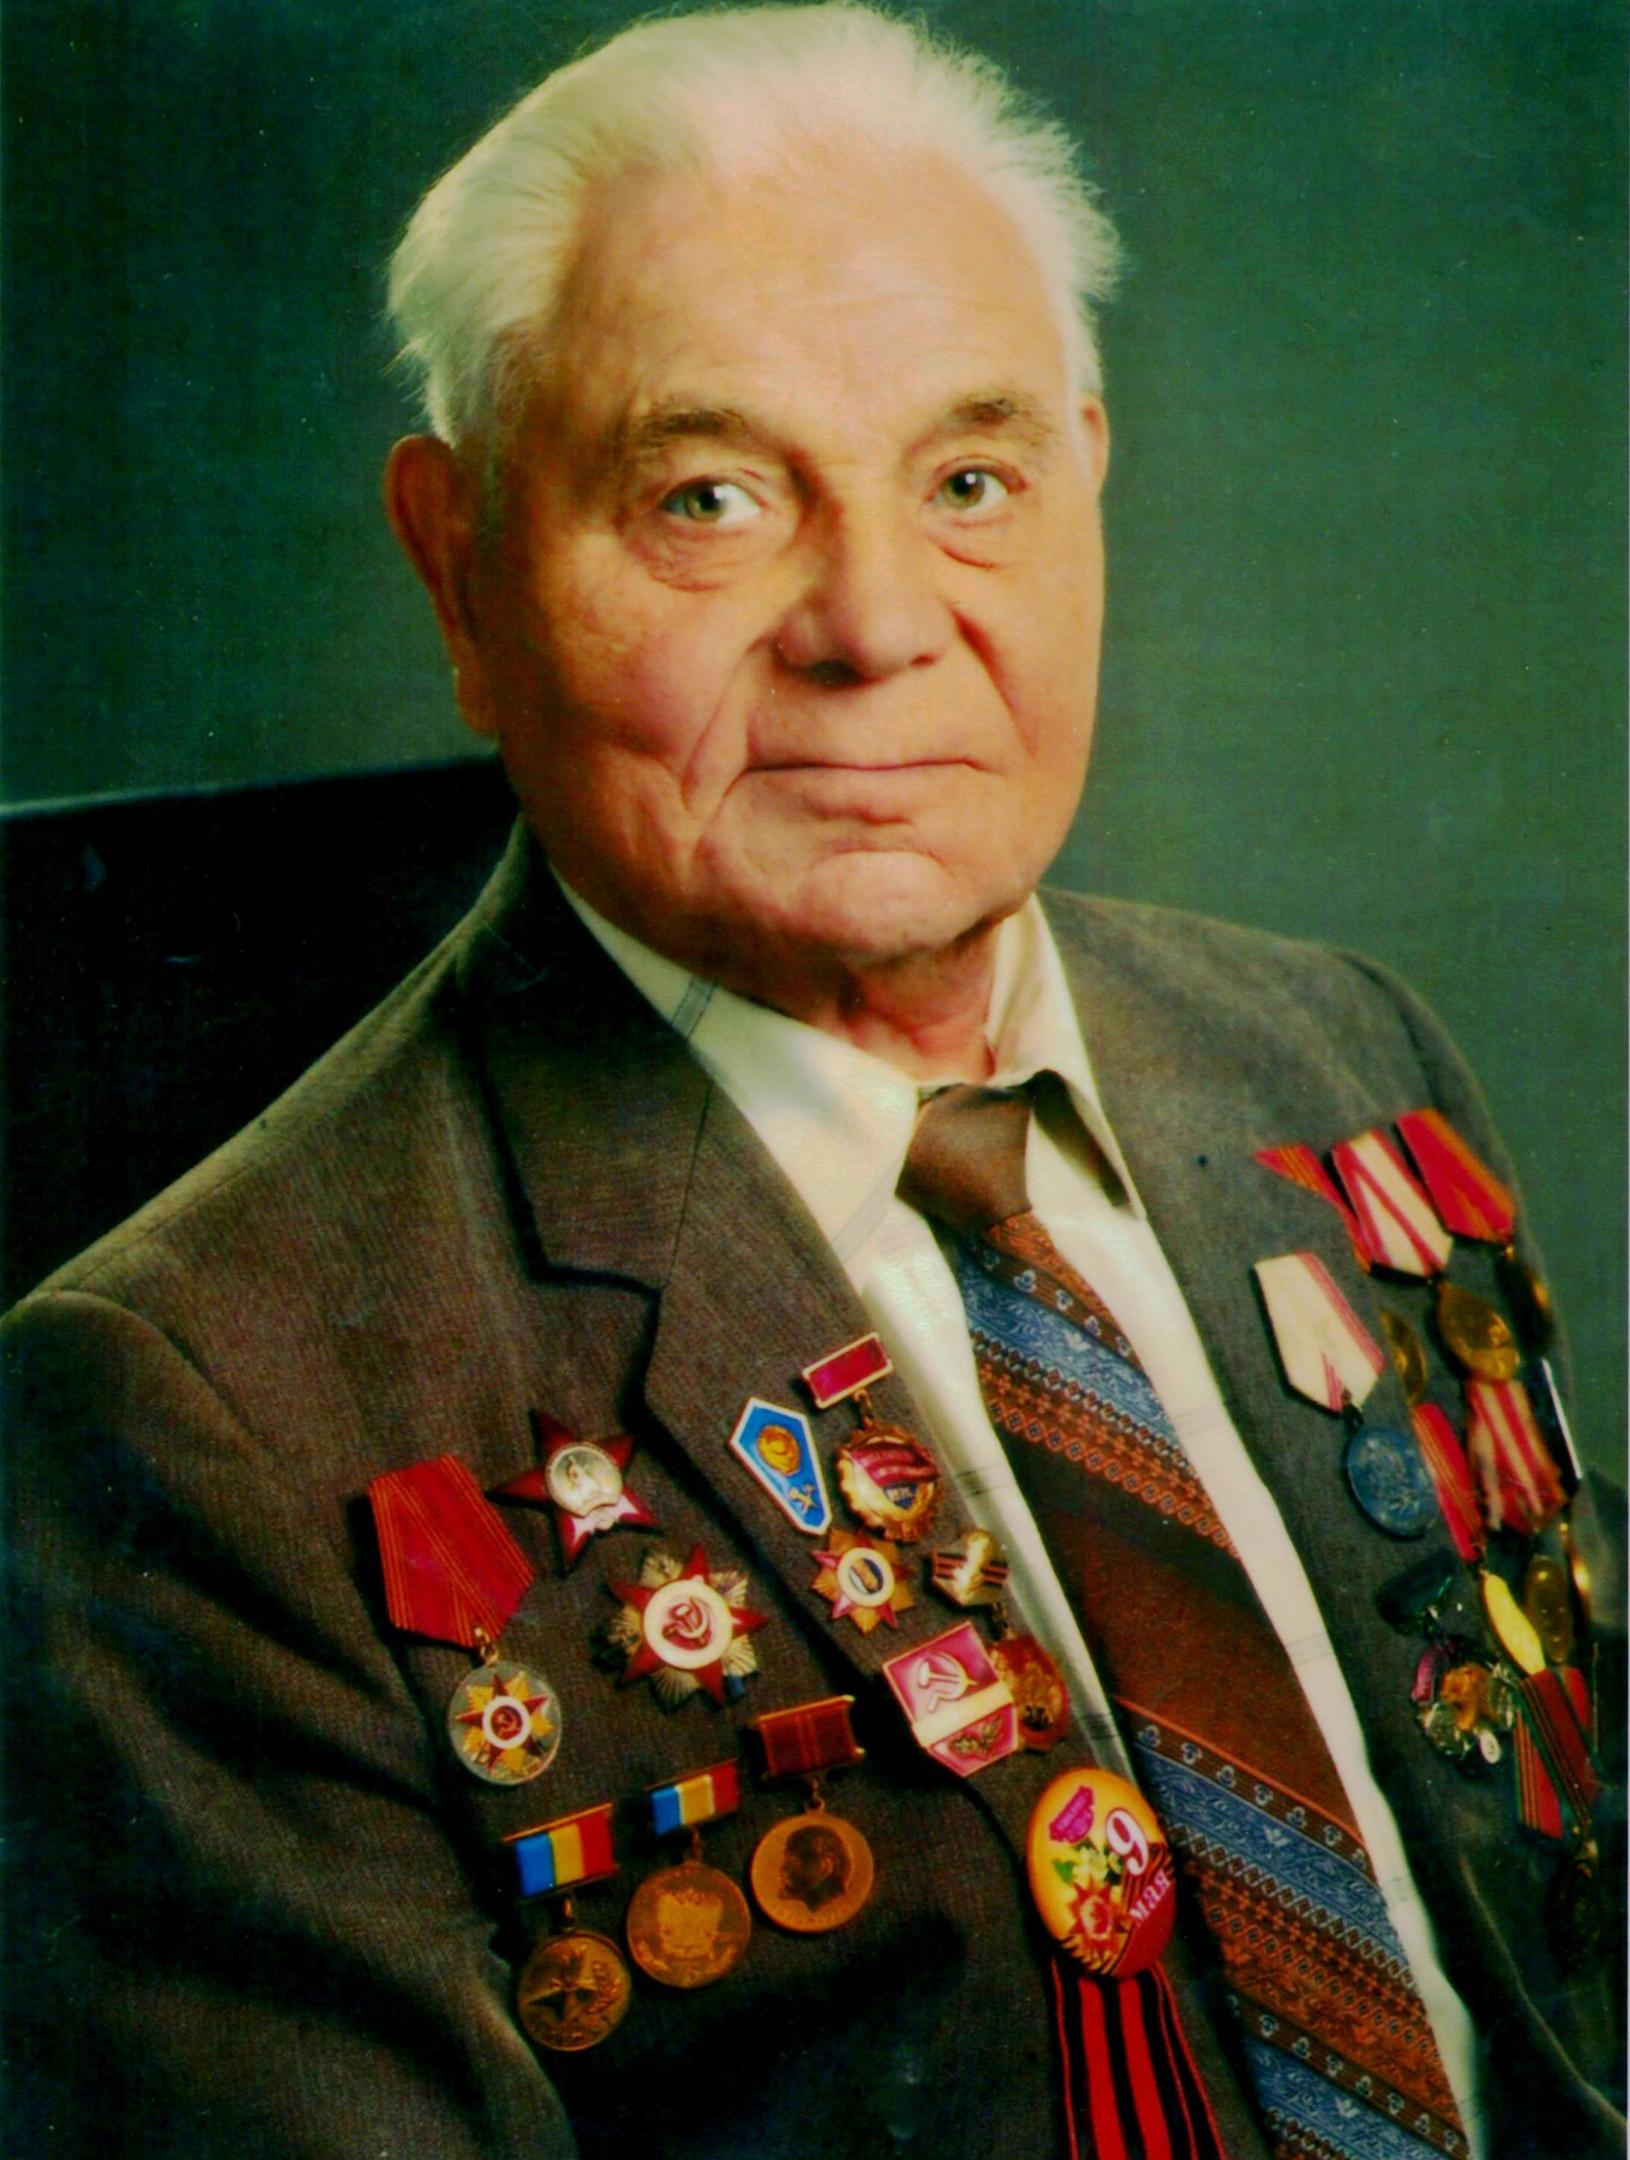 Гетманов Николай Алексеевич — ветеран Великой Отечественной войны, проживающий в городе Шахты, председатель Совета ветеранов Артёмовского района.